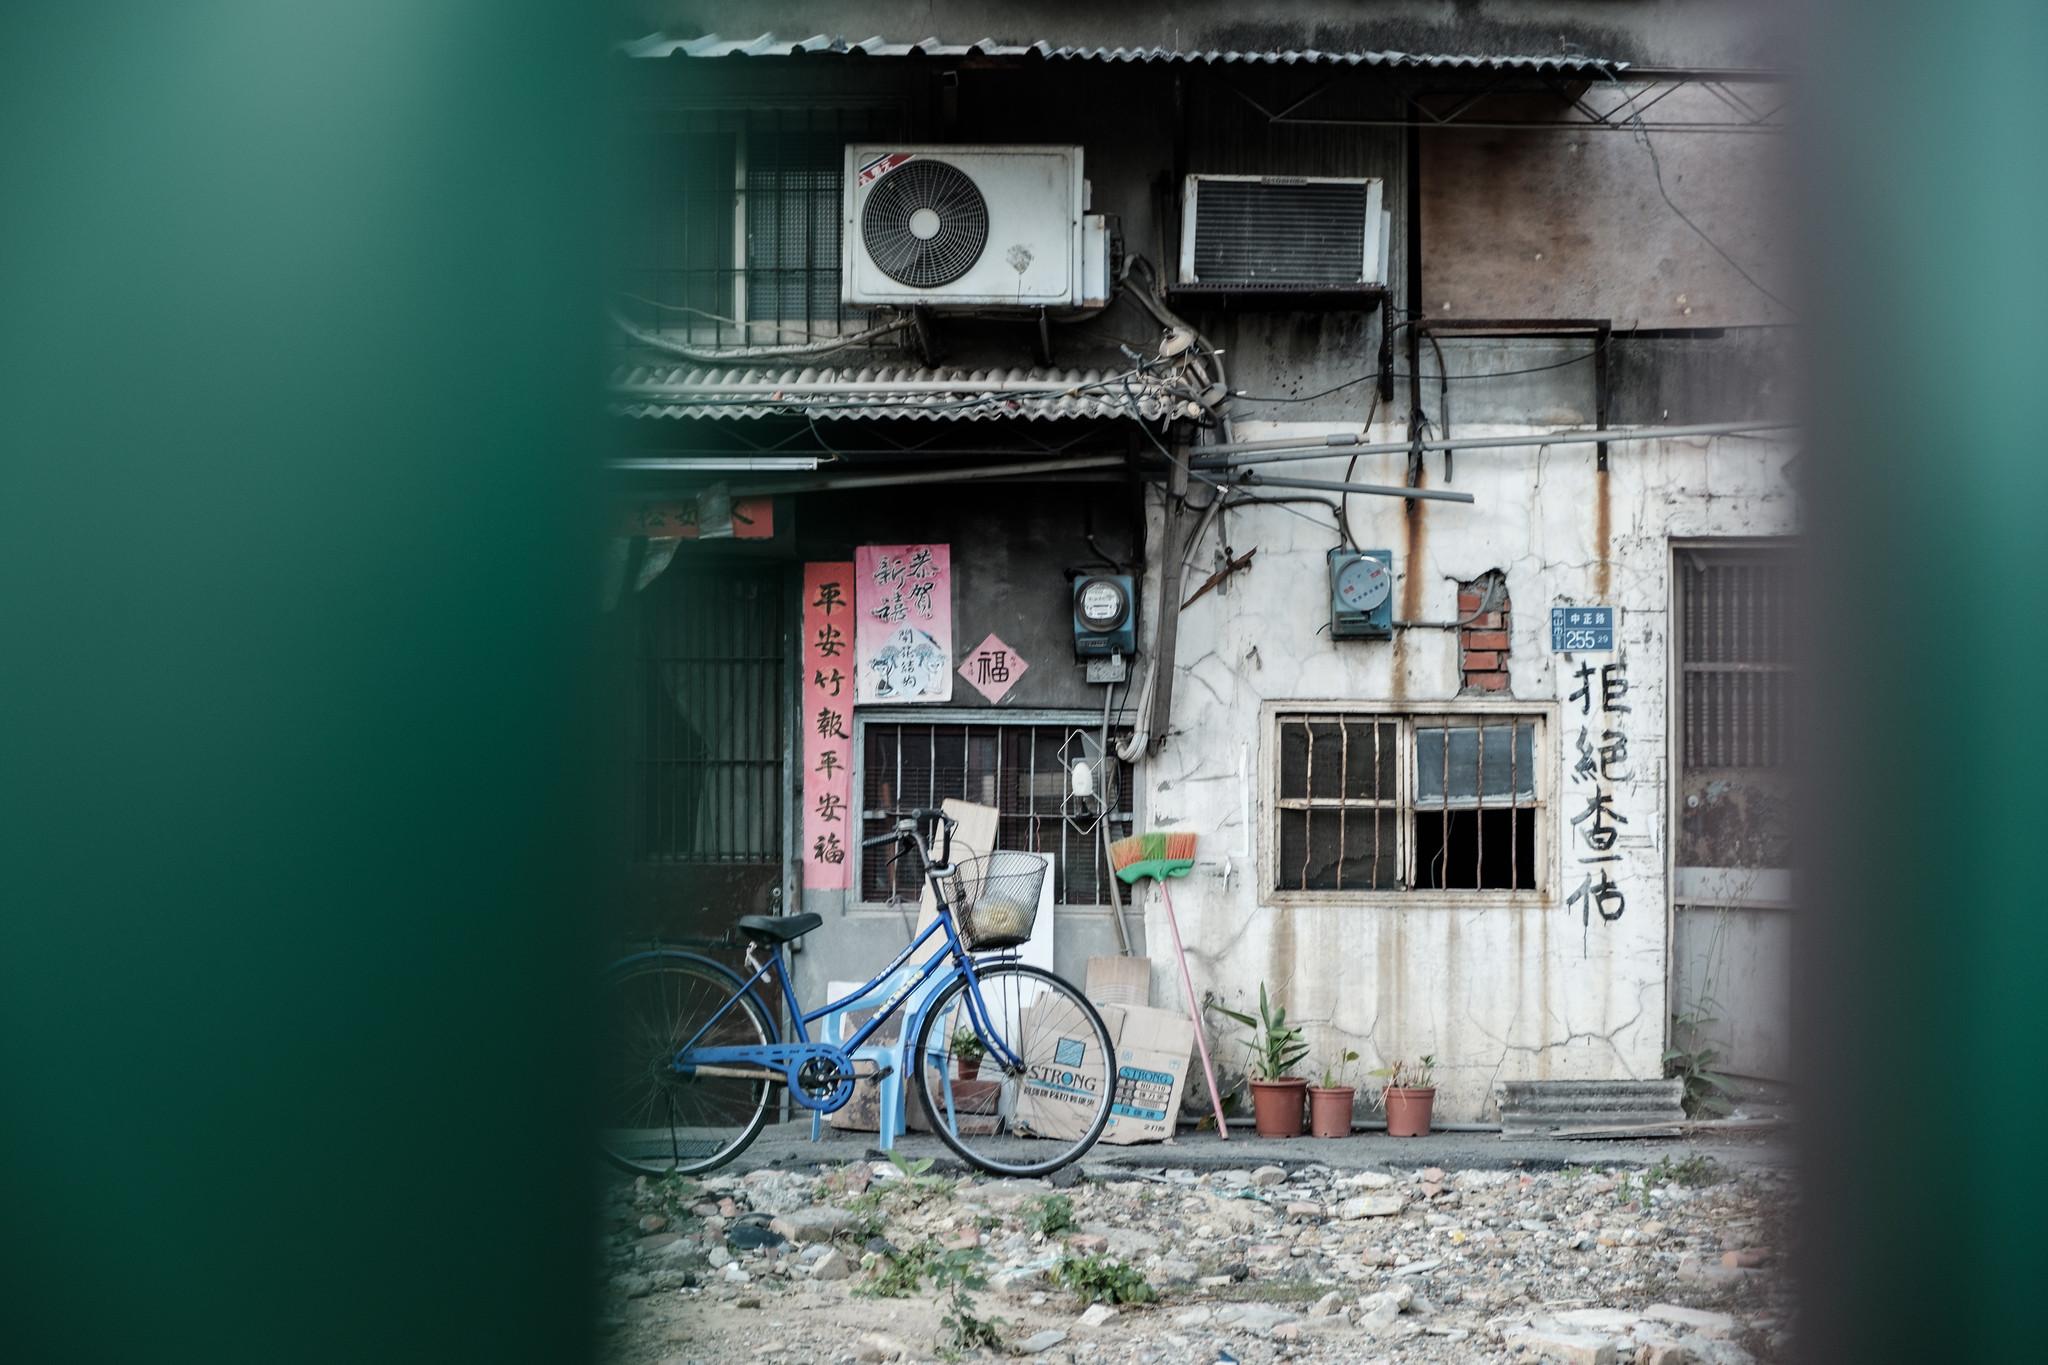 陳家表示,高雄市政府已開始拆除重劃案西側範圍,附近居民不得進入,位於東側的陳家也岌岌可危。(攝影:唐佐欣)